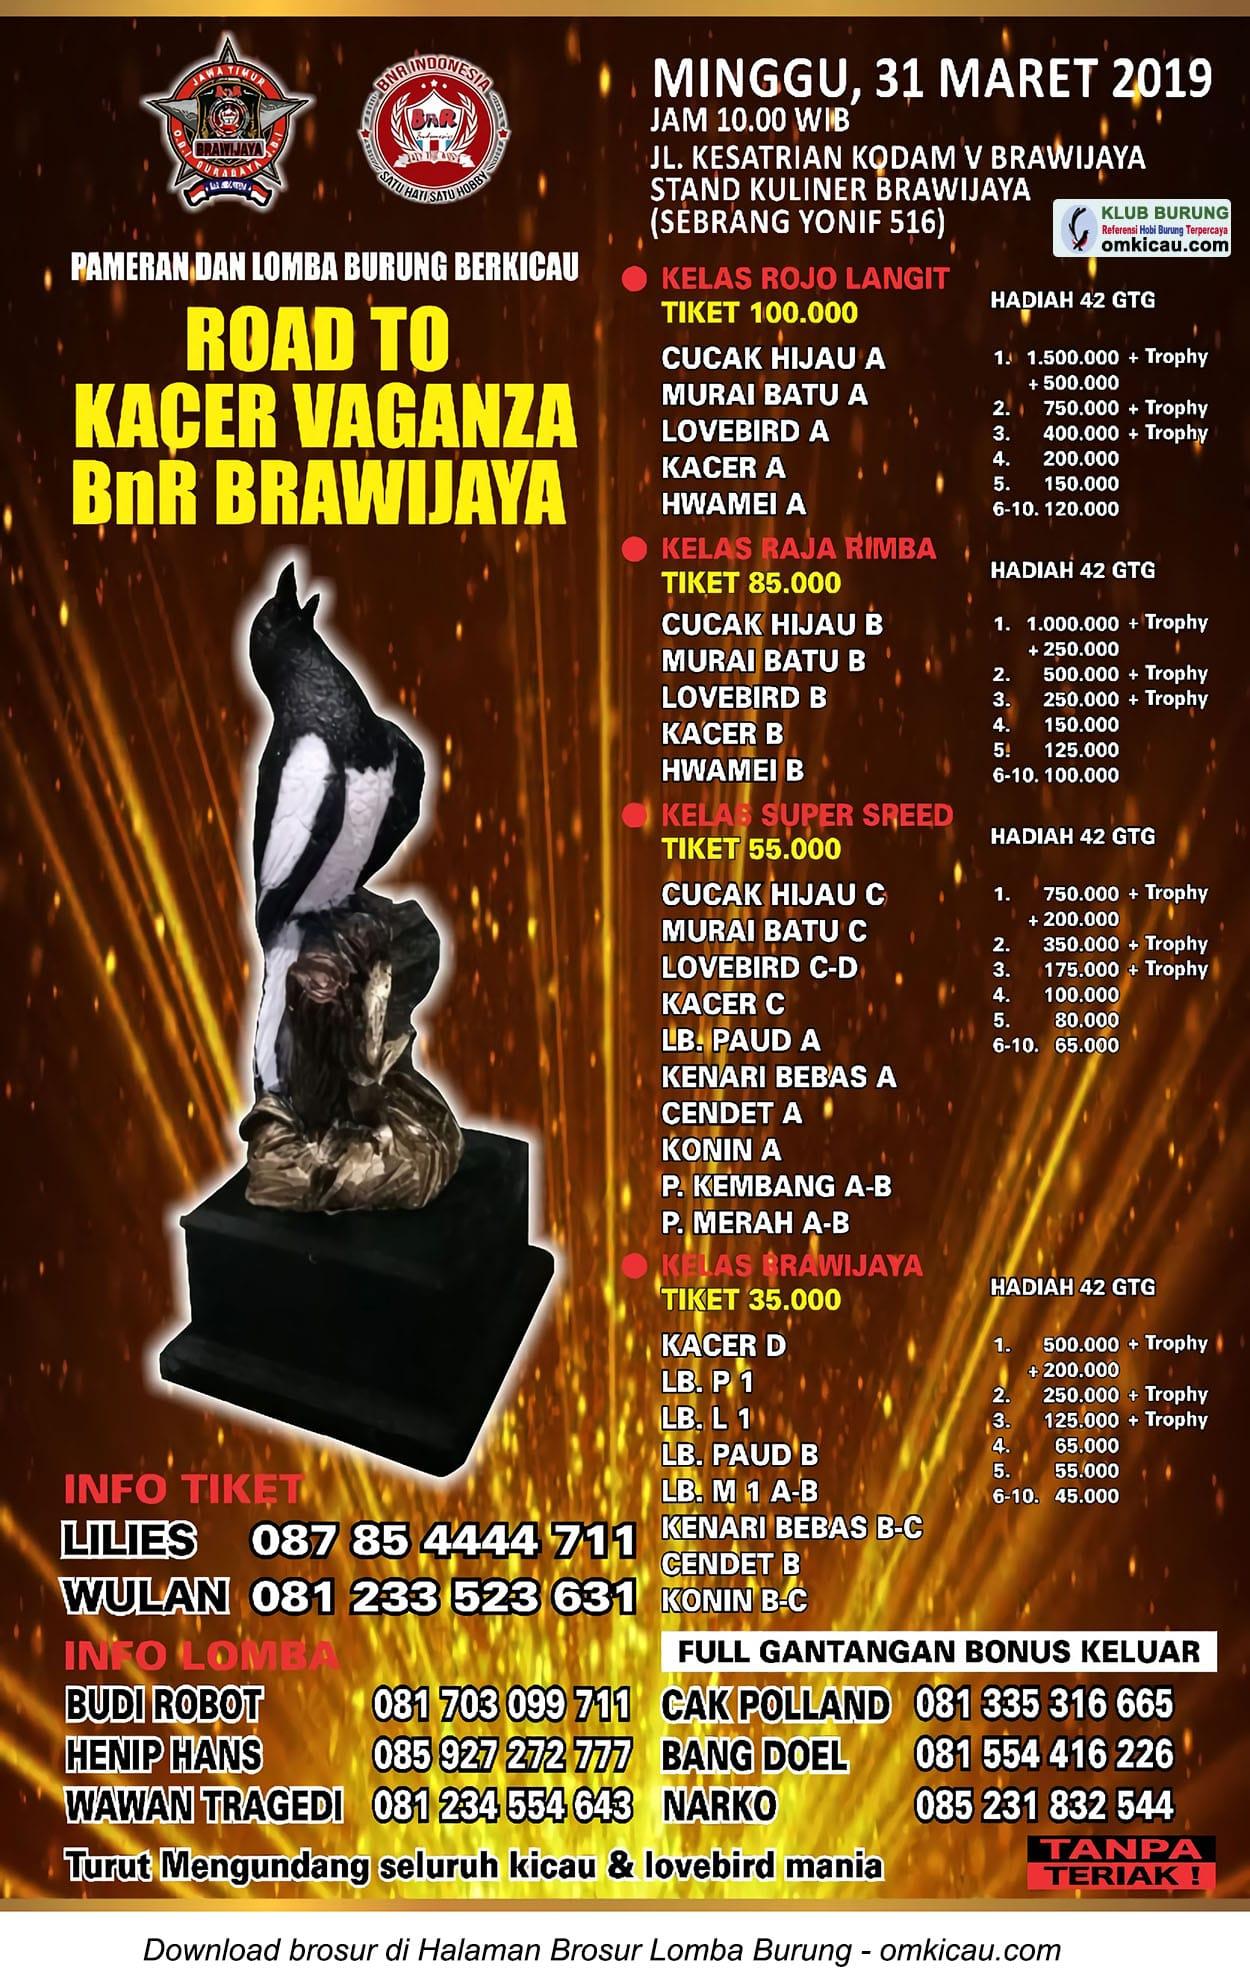 Road to Kacer Vaganza